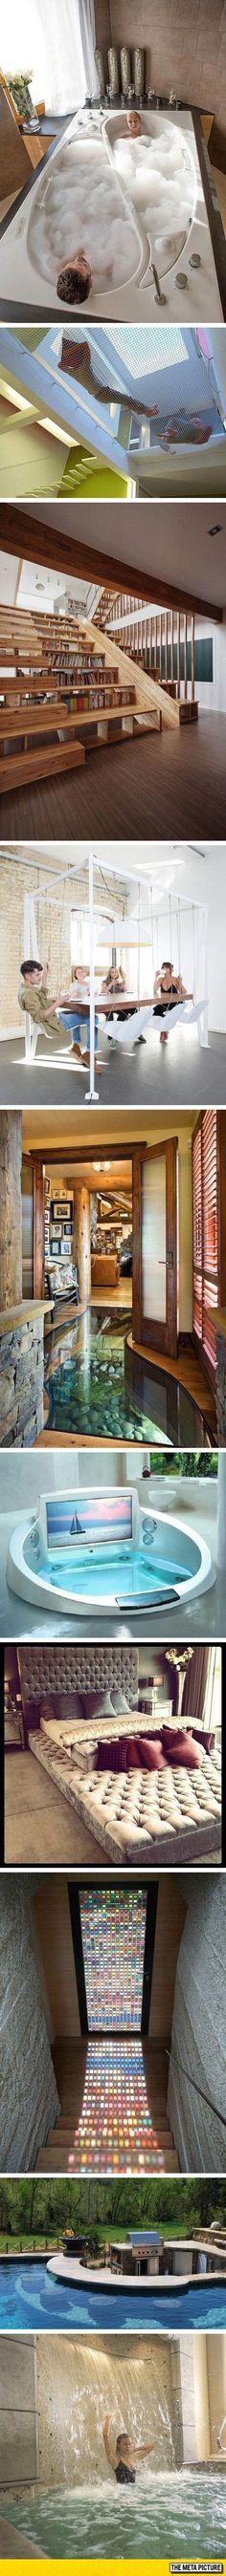 Isso que é uma casa dos sonhos!!!!!!!!!!